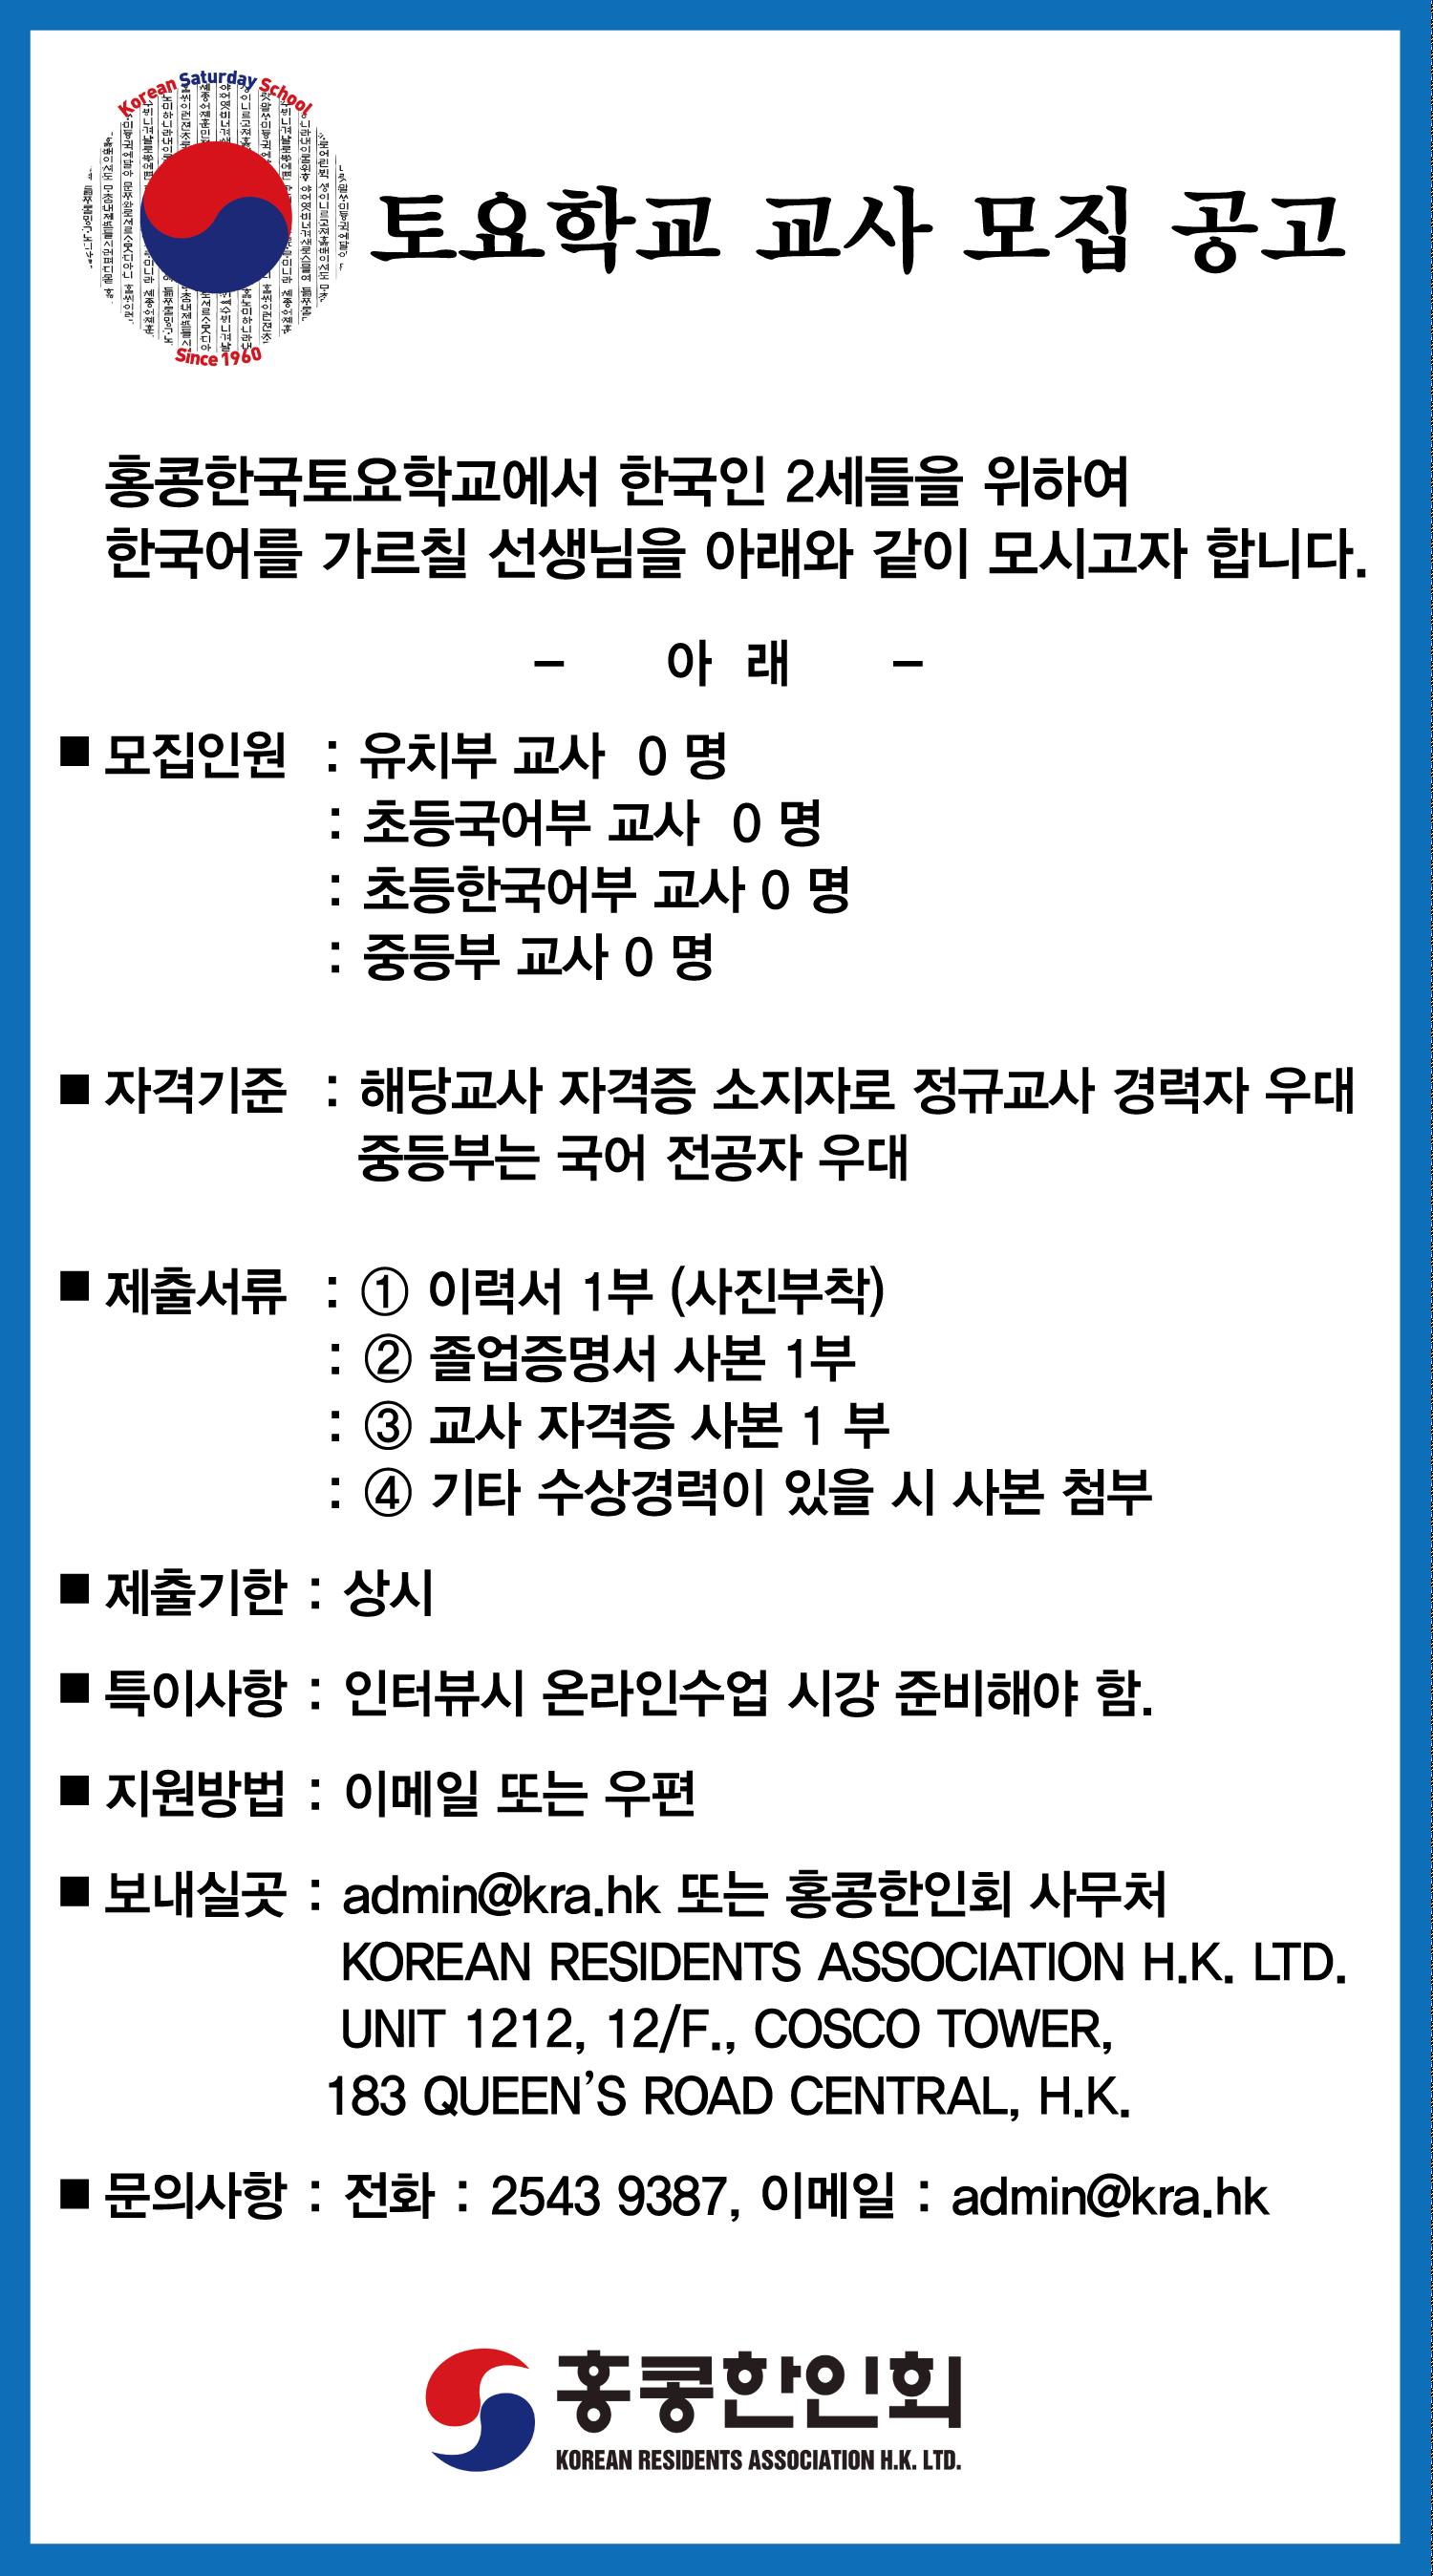 (이미지)토요학교 교사모집 공고_20201210.png